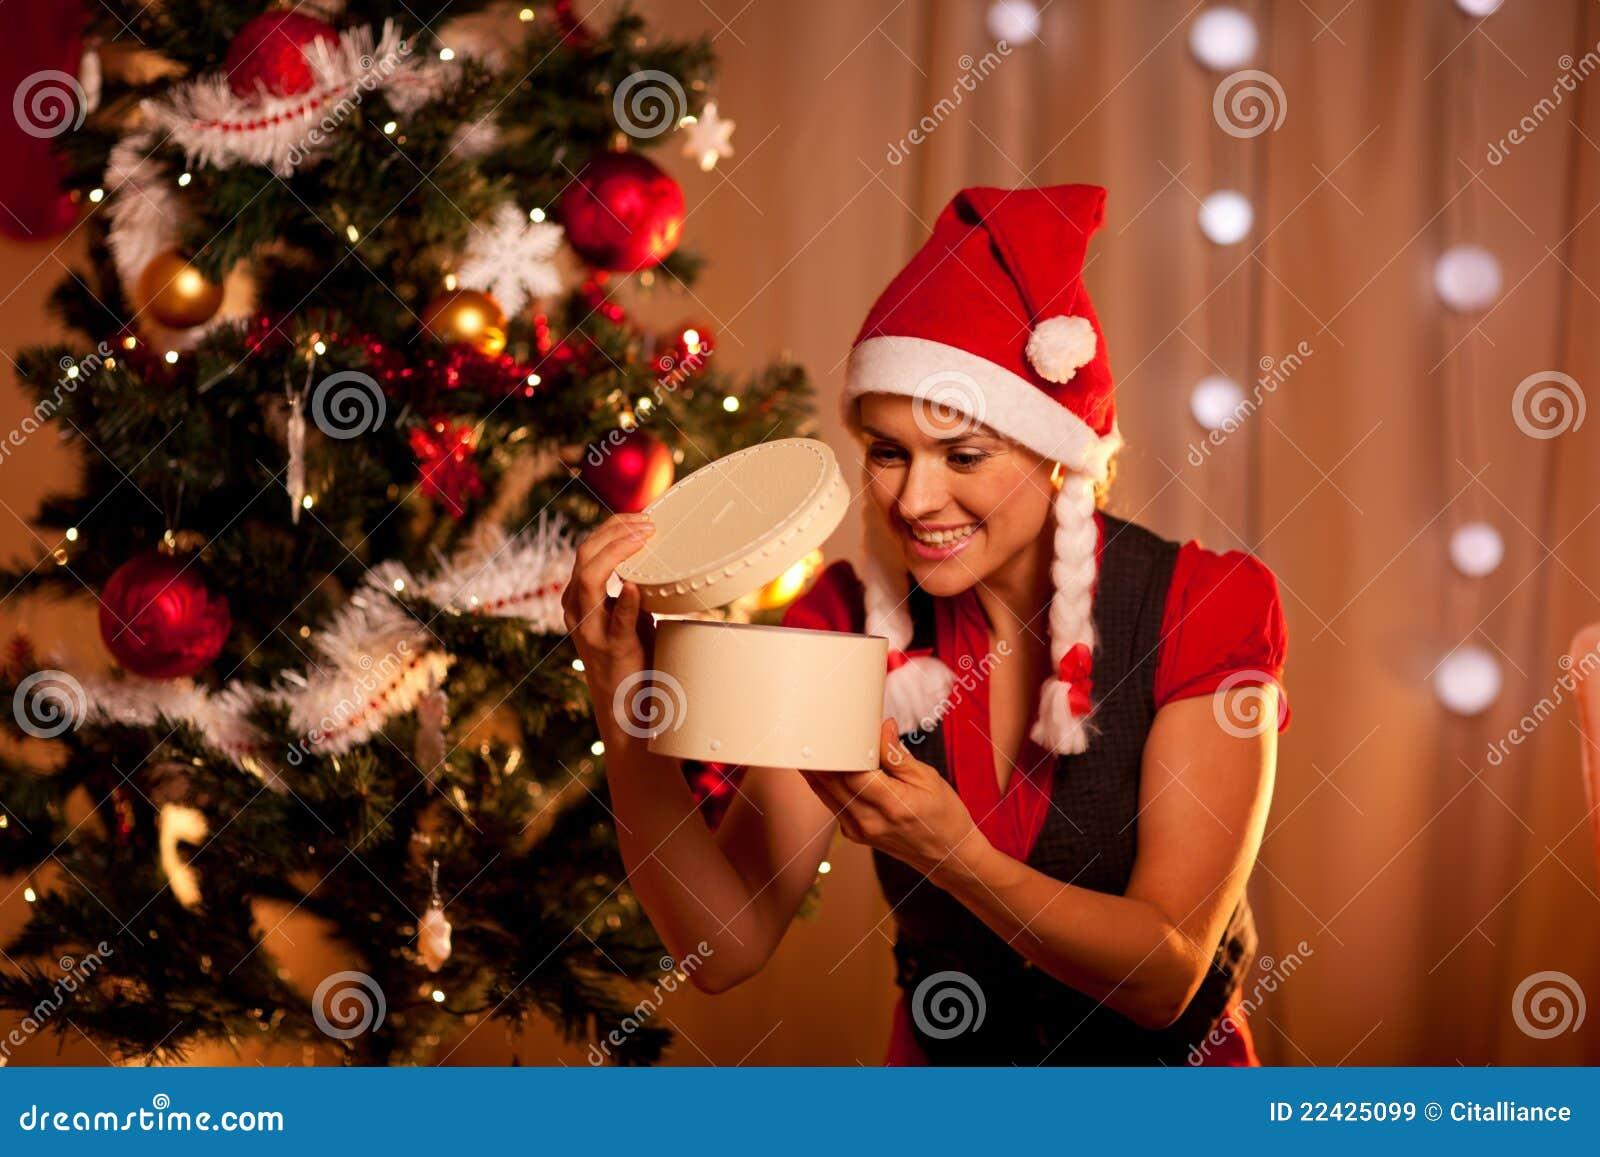 Vrouw die dichtbij Kerstboom binnengift kijkt